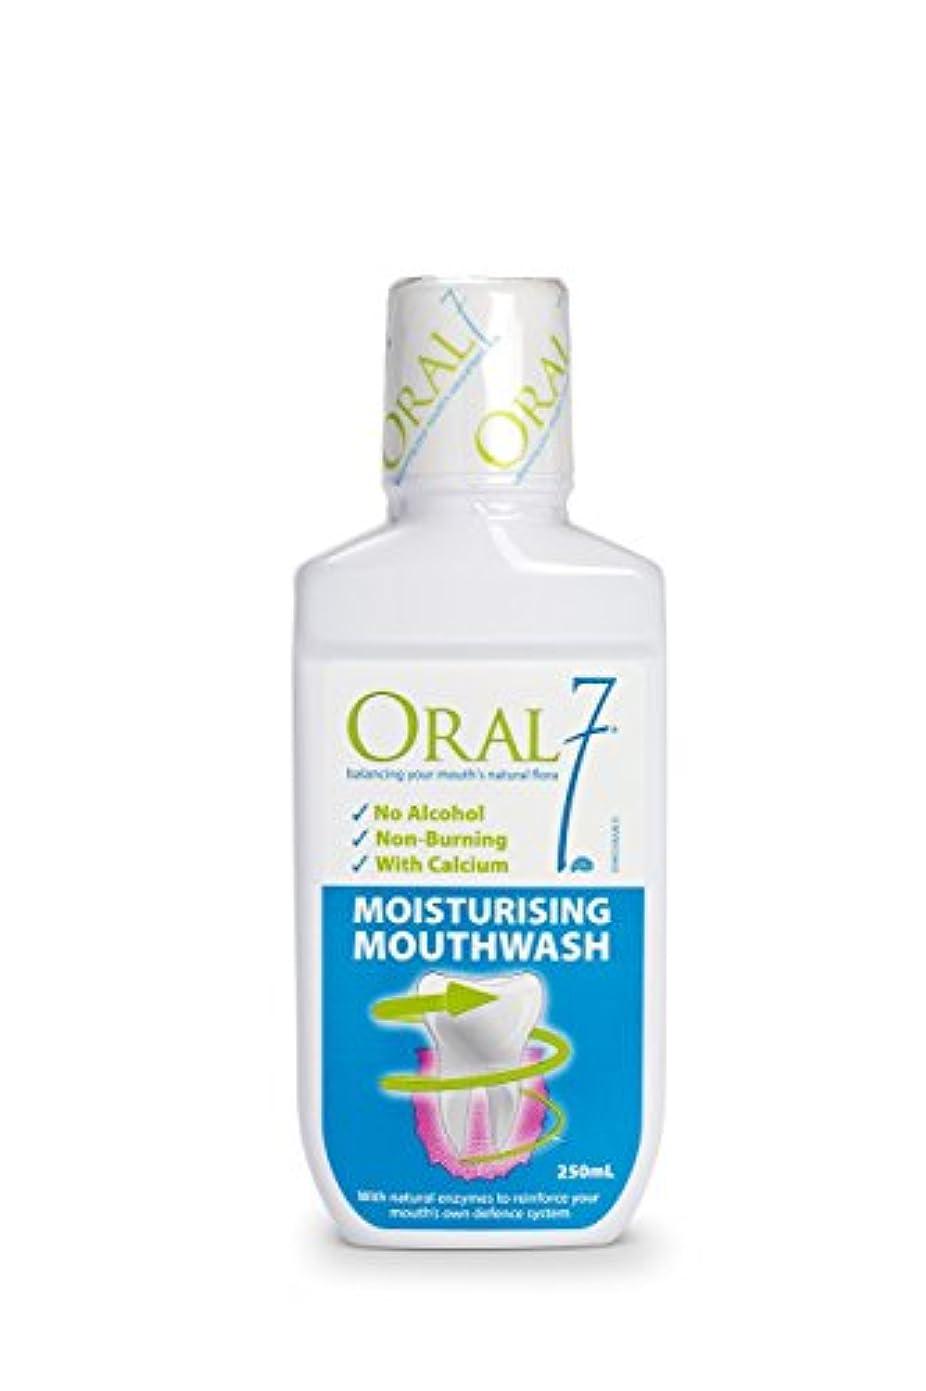 針葡萄歯車オーラル7 モイスチャライジング マウスウォッシュ 250ml 4種の天然酵素配合!お口の乾燥対策に 口腔内保湿 口臭予防 ノンアルコール 口腔ケア